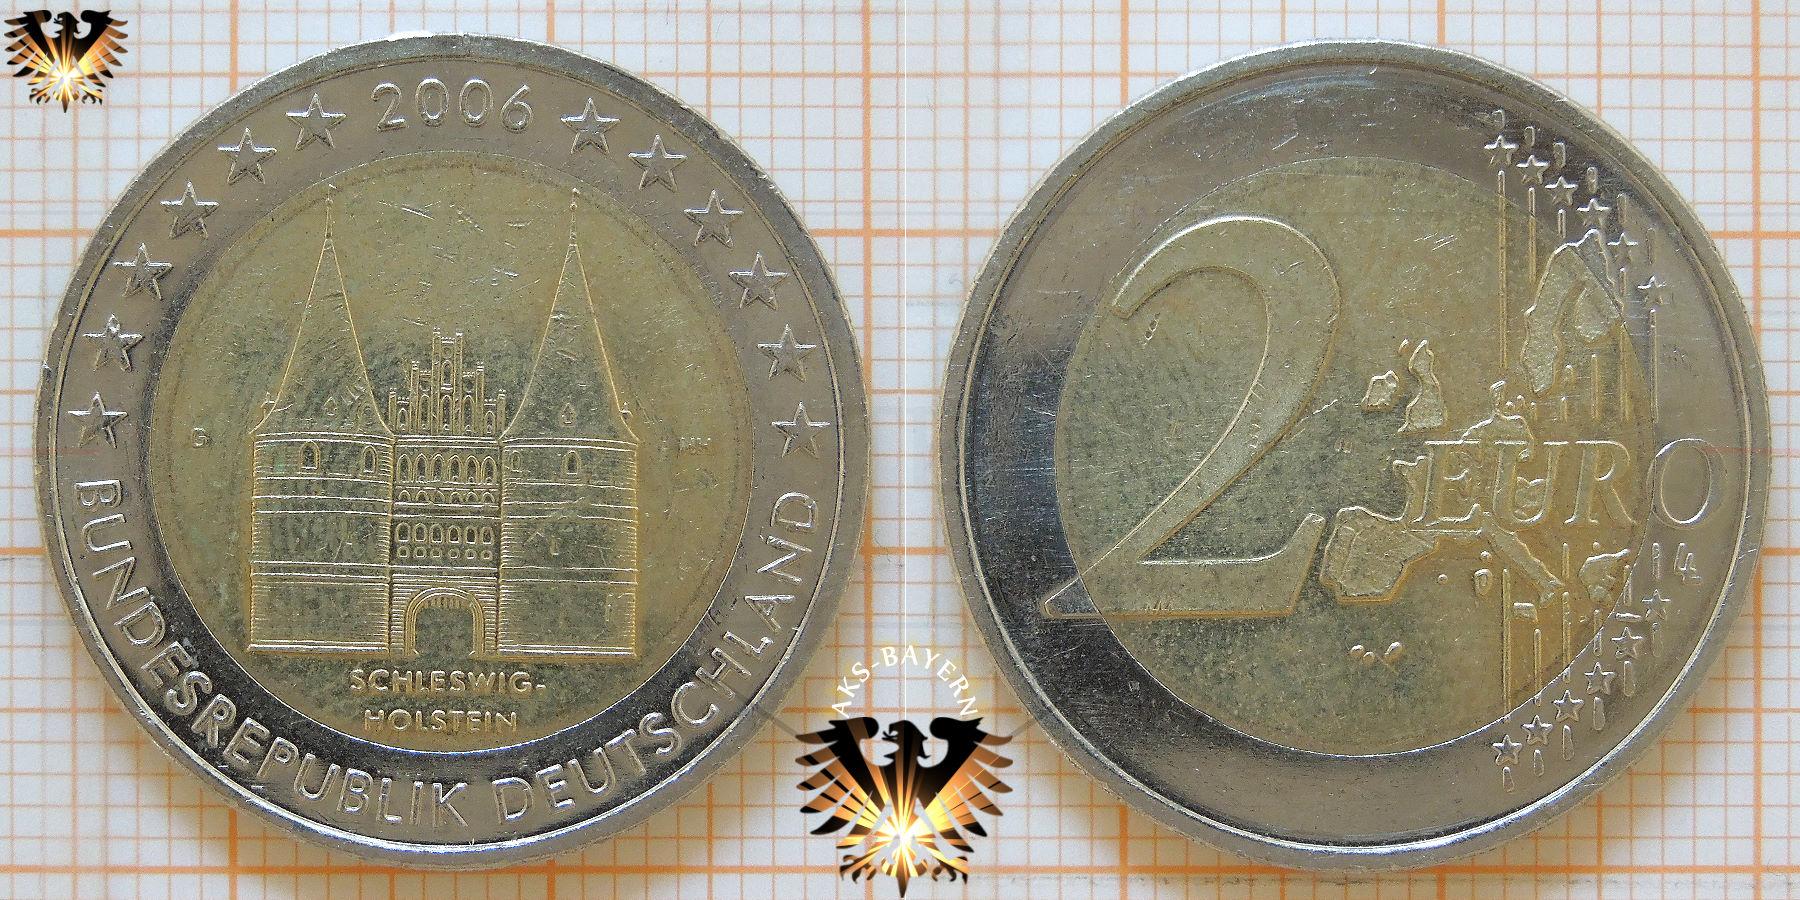 2 Brd 2006 Gedenkmünze Bundesländer Schleswig Holstein Holstentor